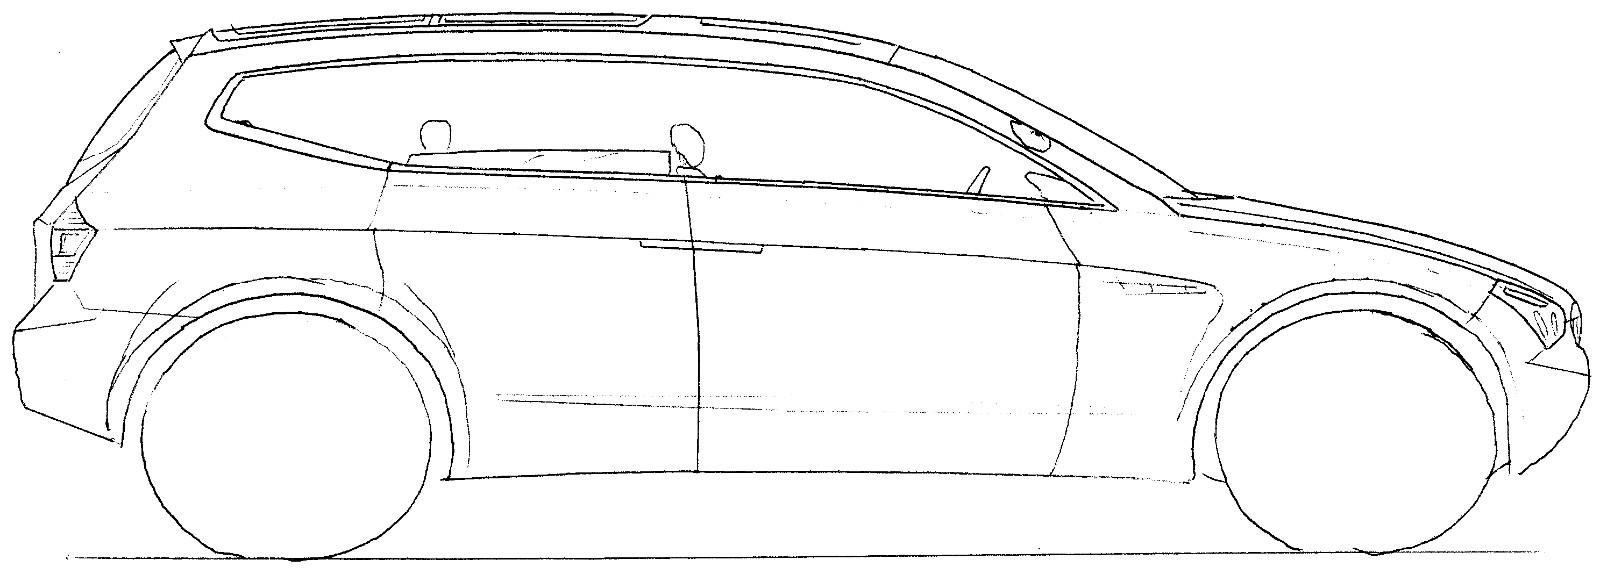 Fein Auto Skizze Website Bilder - Der Schaltplan - raydavisrealtor.info